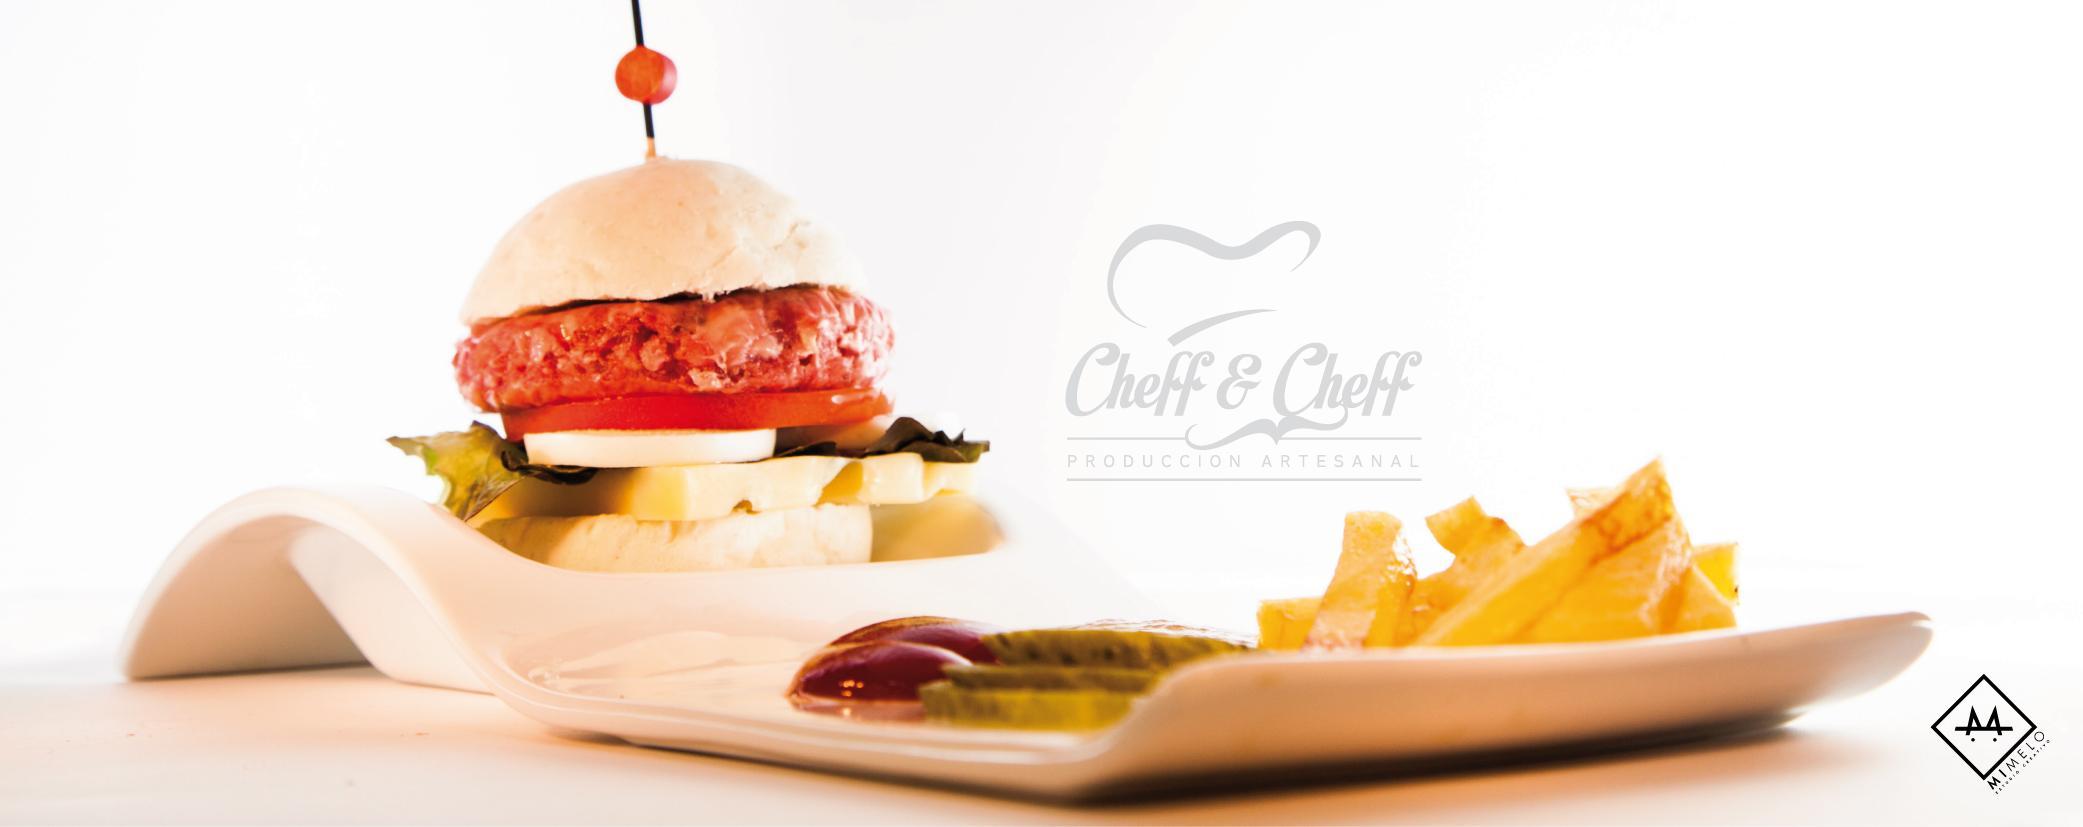 Cheff & Cheff - Mimelo Estudio Creativo